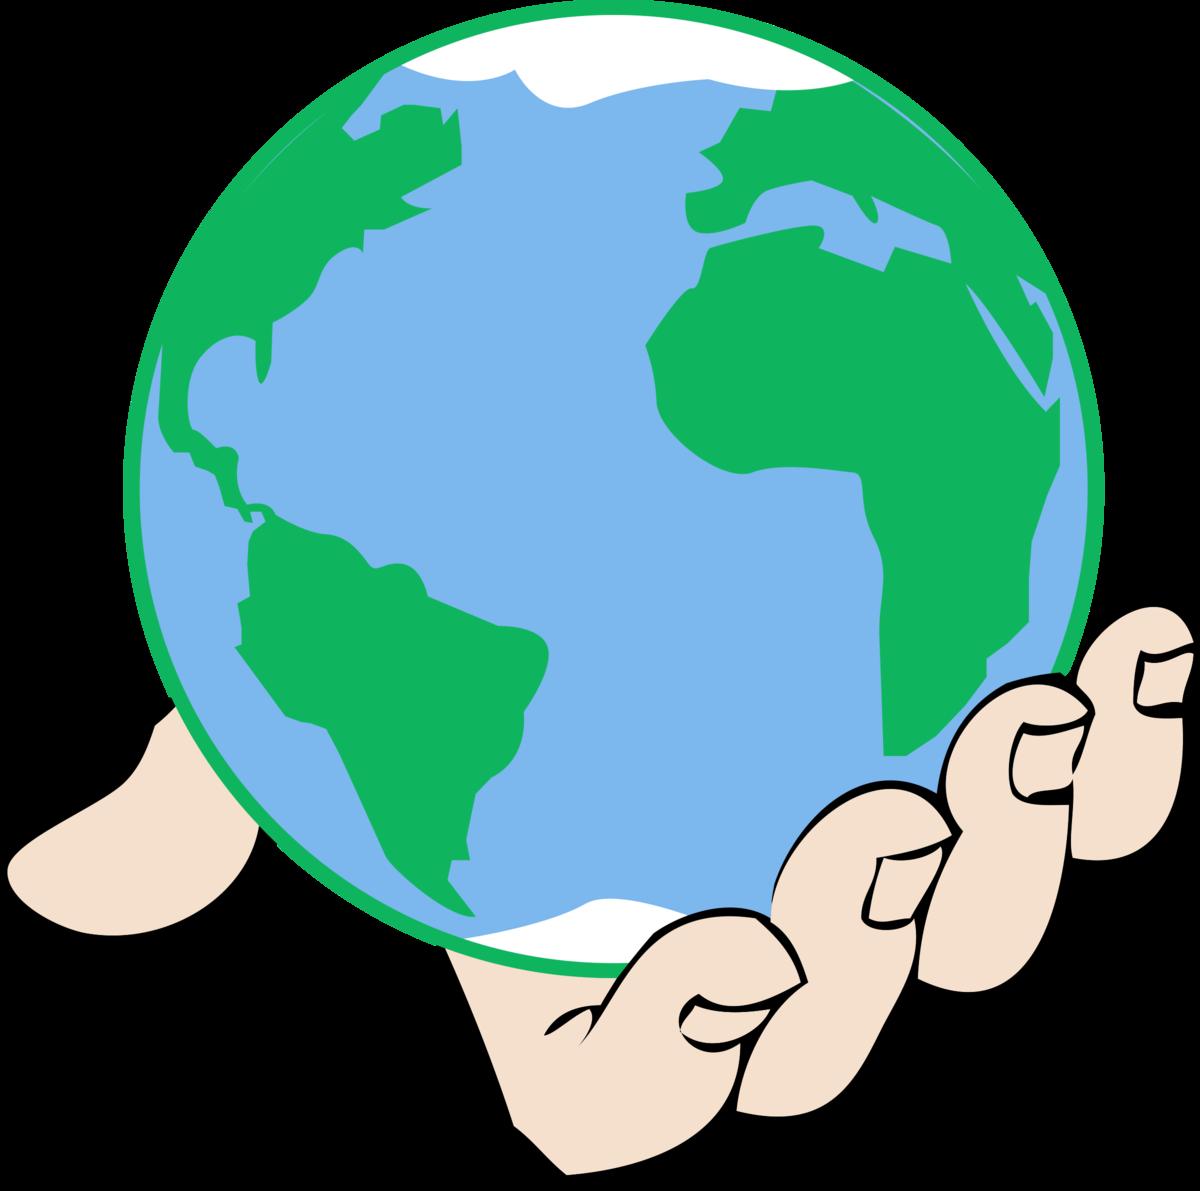 картинка шар земной в руках на прозрачном фоне можно найти все